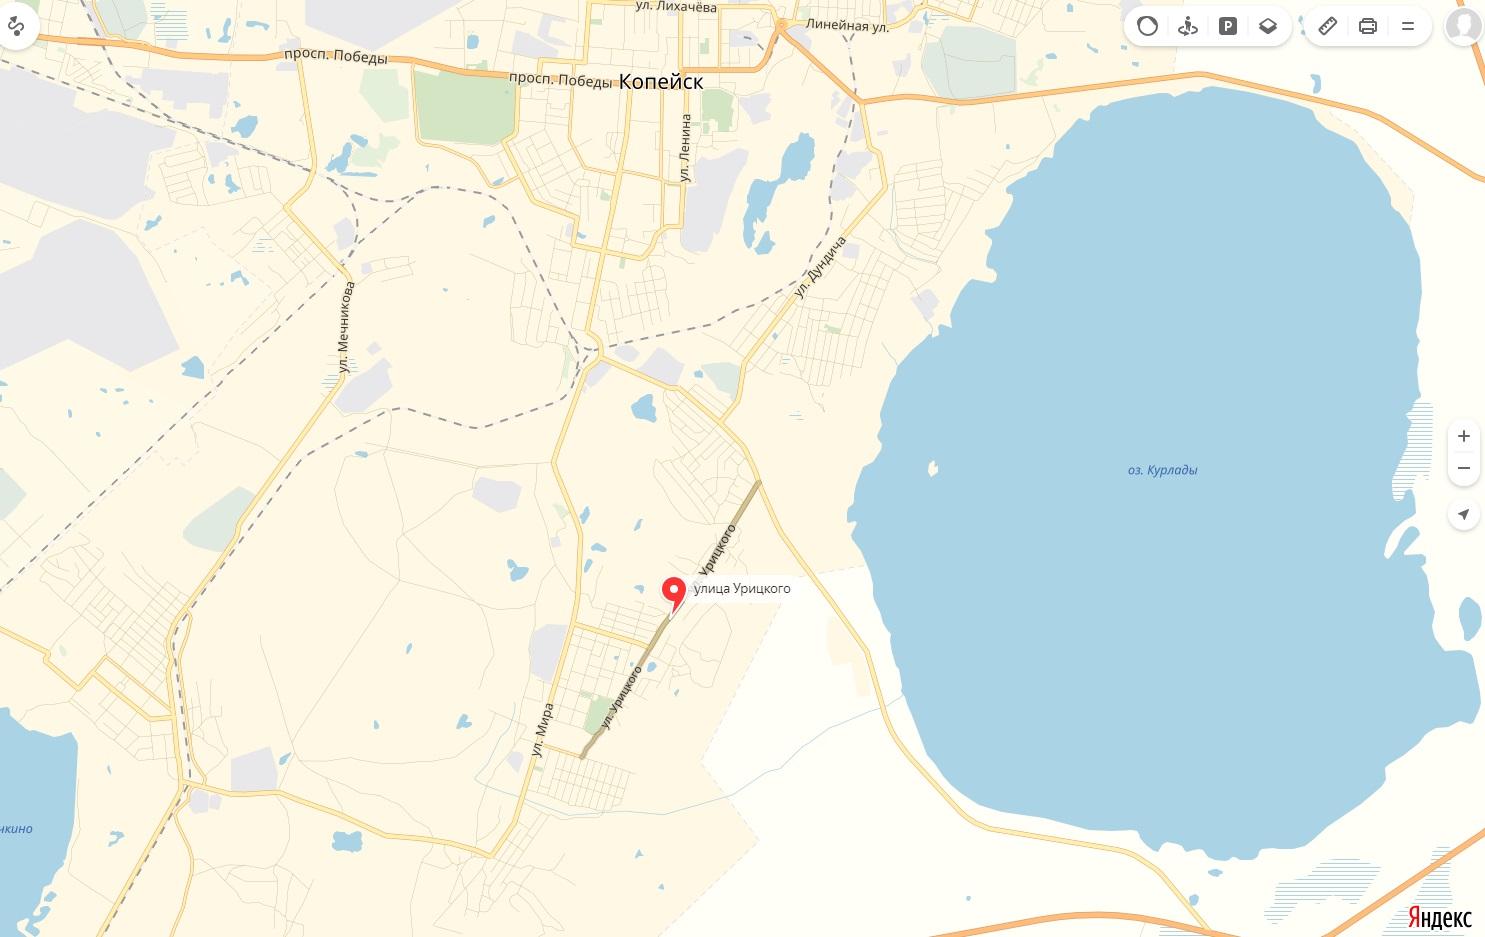 Карта Улицы Урицкого Копейска